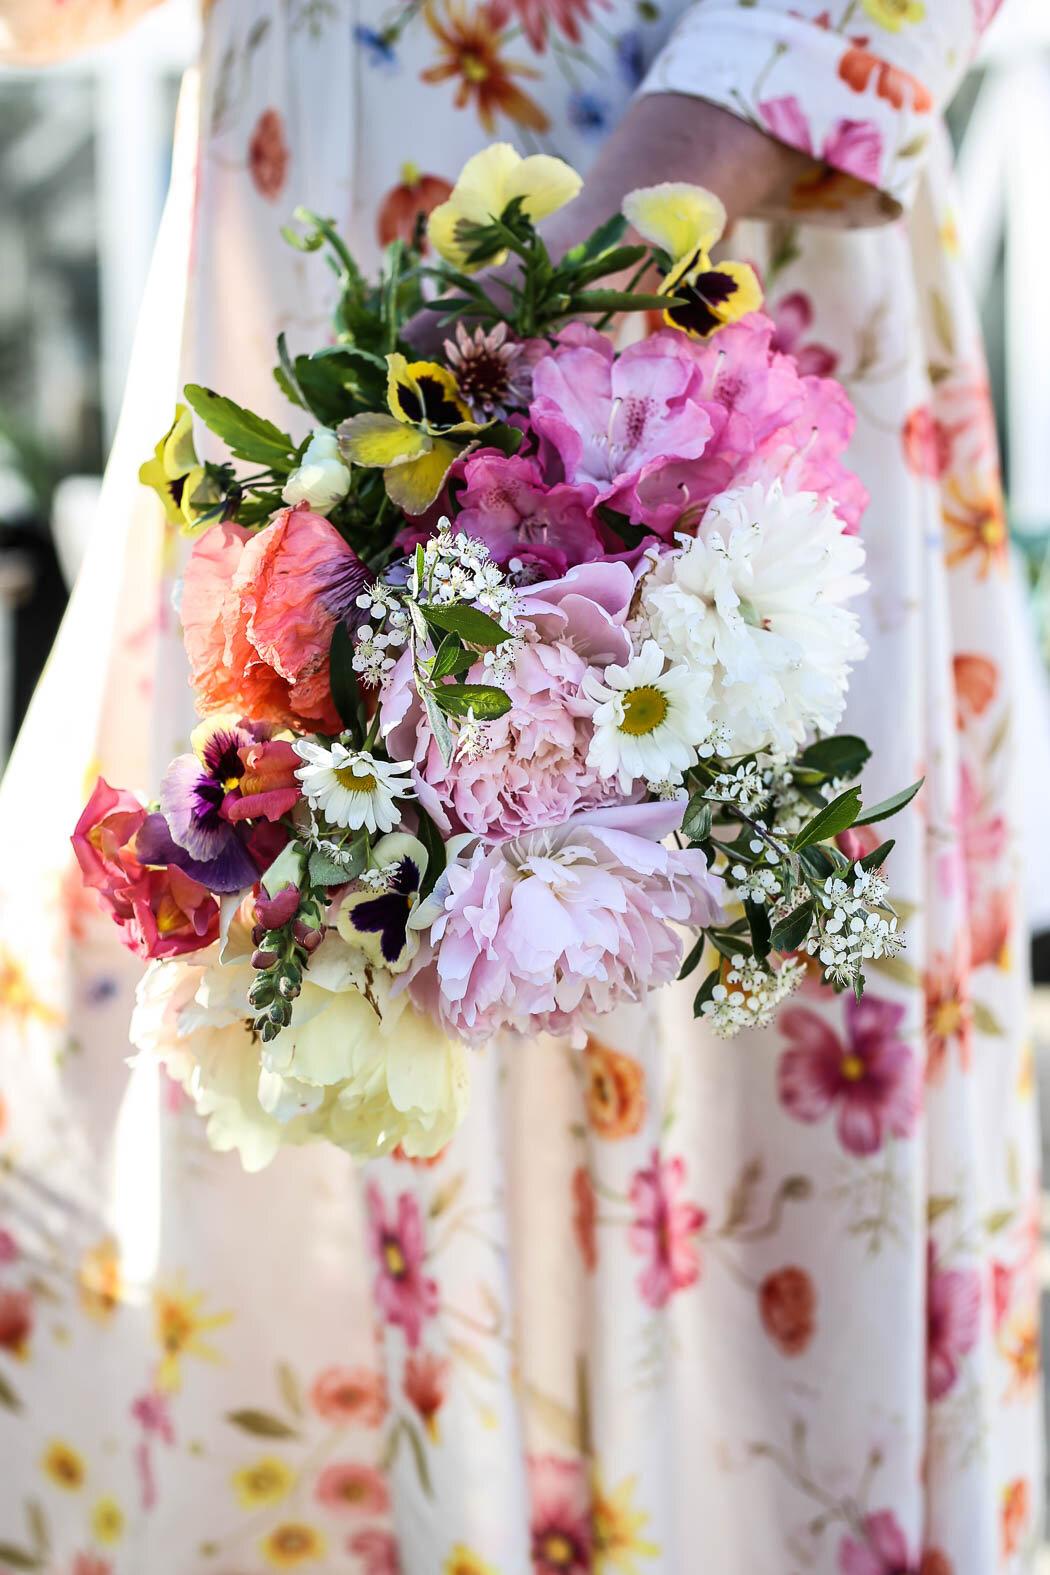 Junibukett med flera olika sorters pioner, hägg, rododendron, pensel, lejongap och penséer. Åh så ljuvligt!